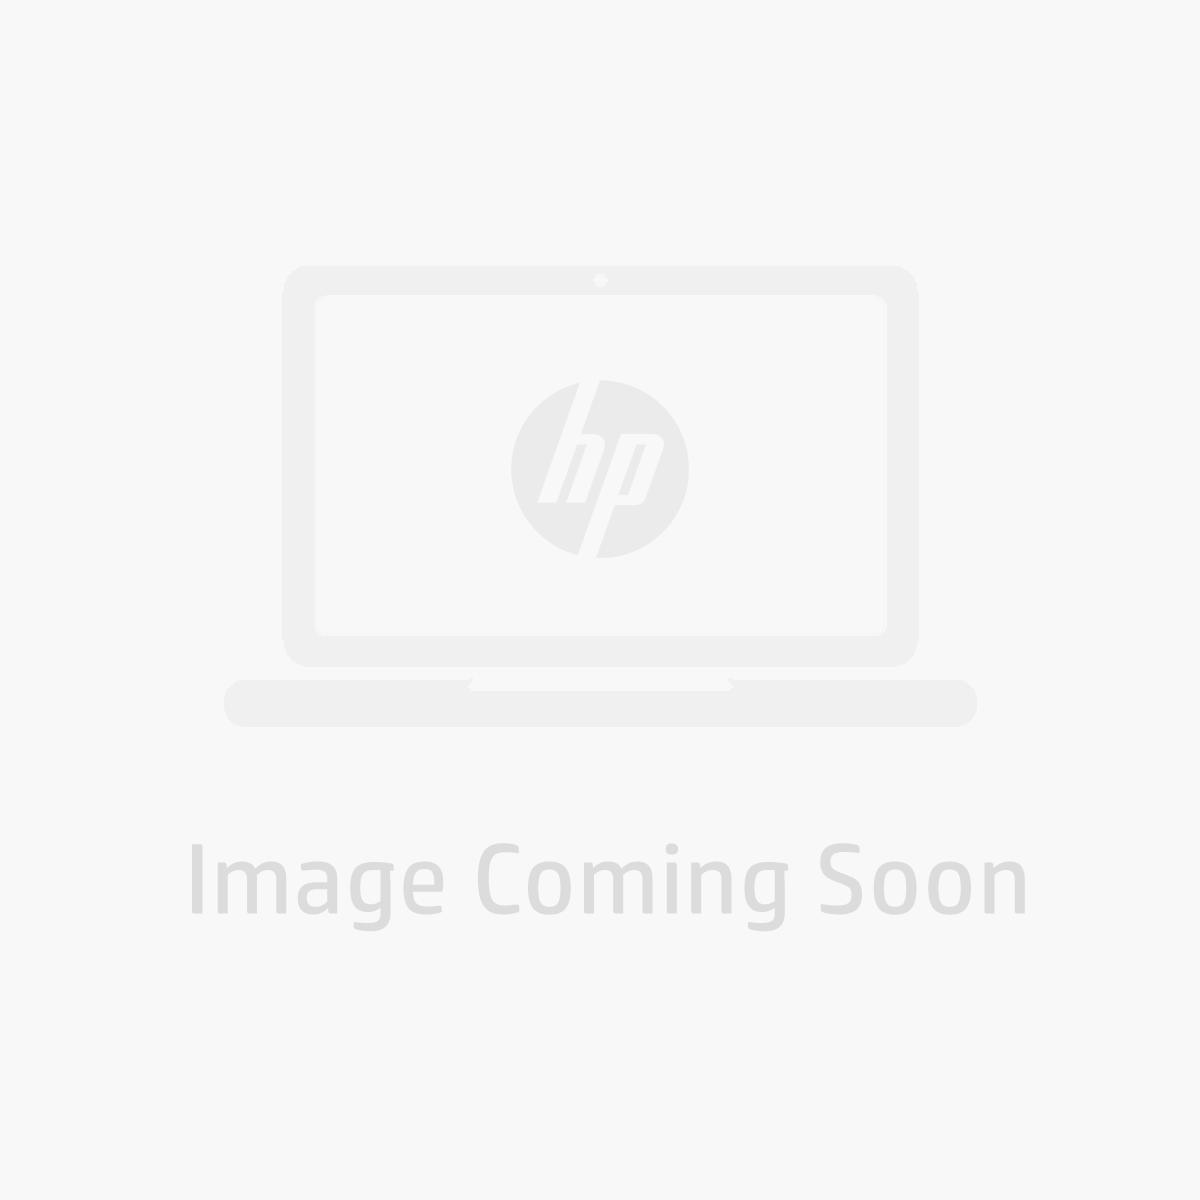 HP Premium Plus Semi-gloss Photo Paper A4